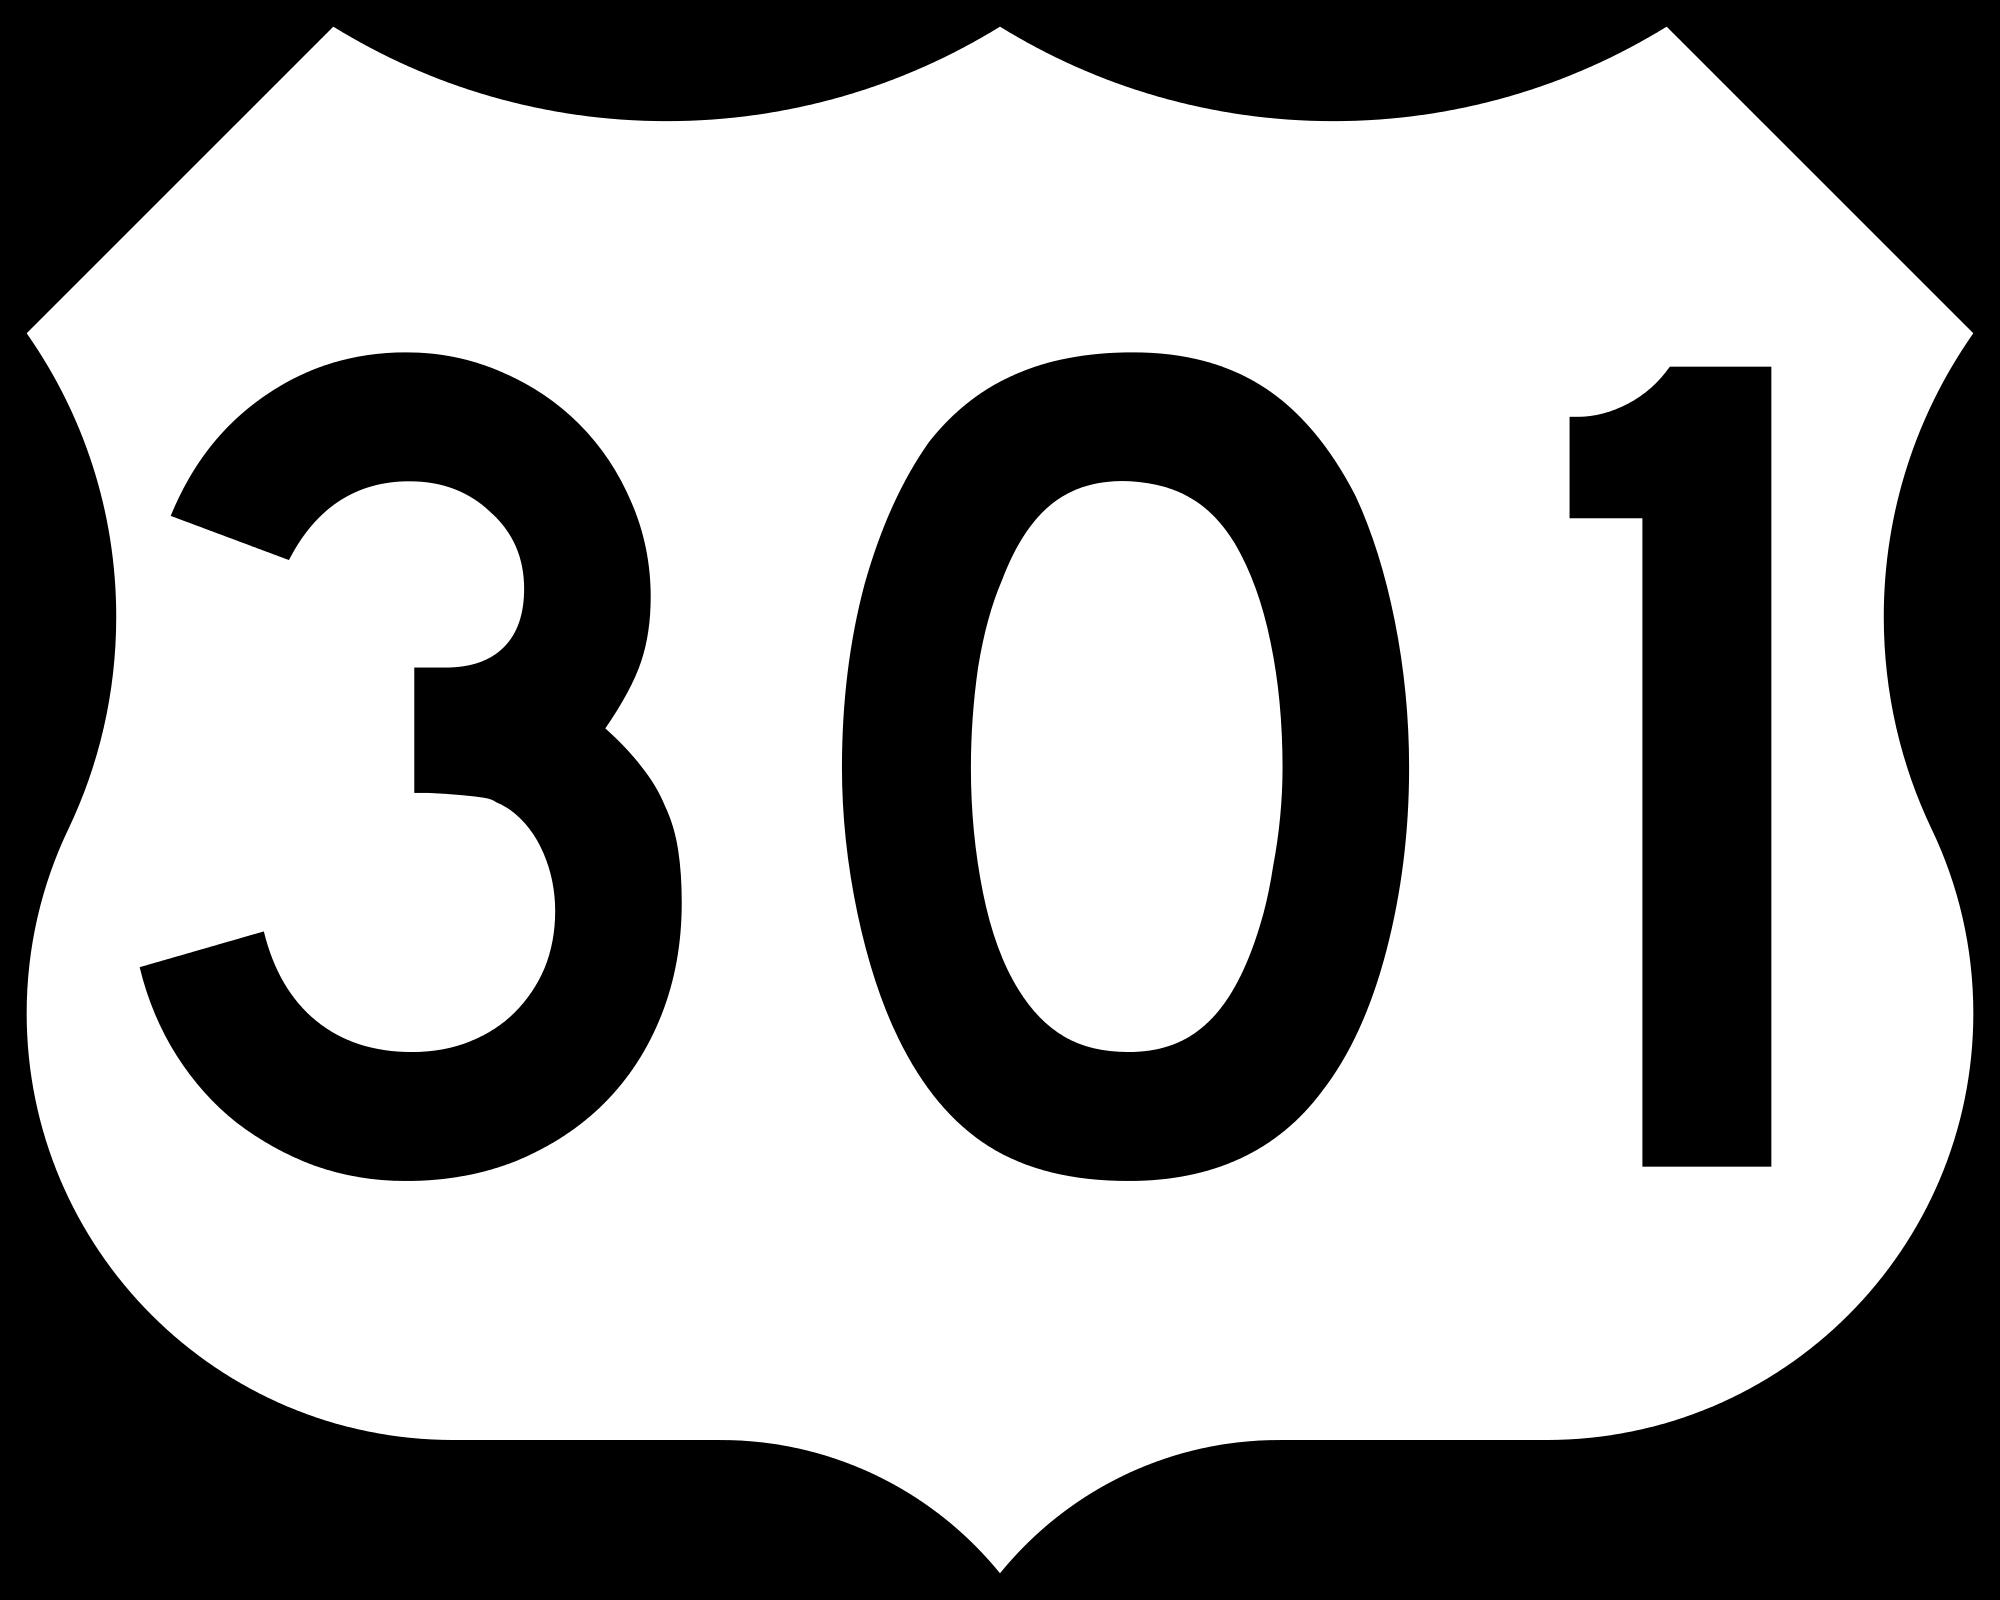 Что такое redirect 301 и когда его используют: отличие 301 и 302 редиректа